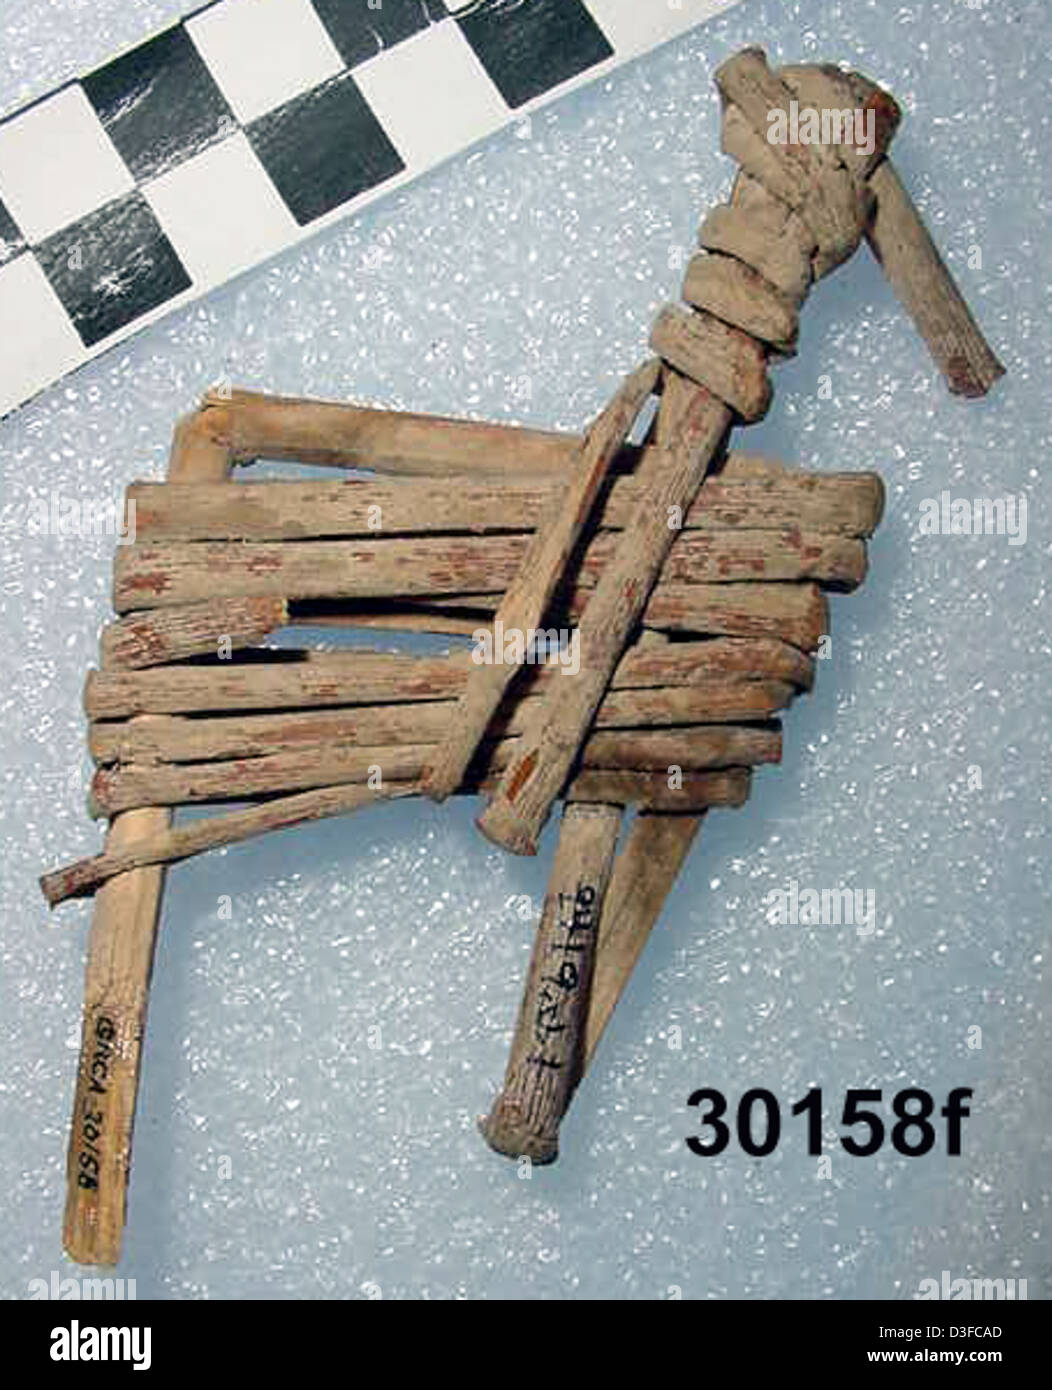 Split-Twig Figurine GRCA_30158f - Stock Image